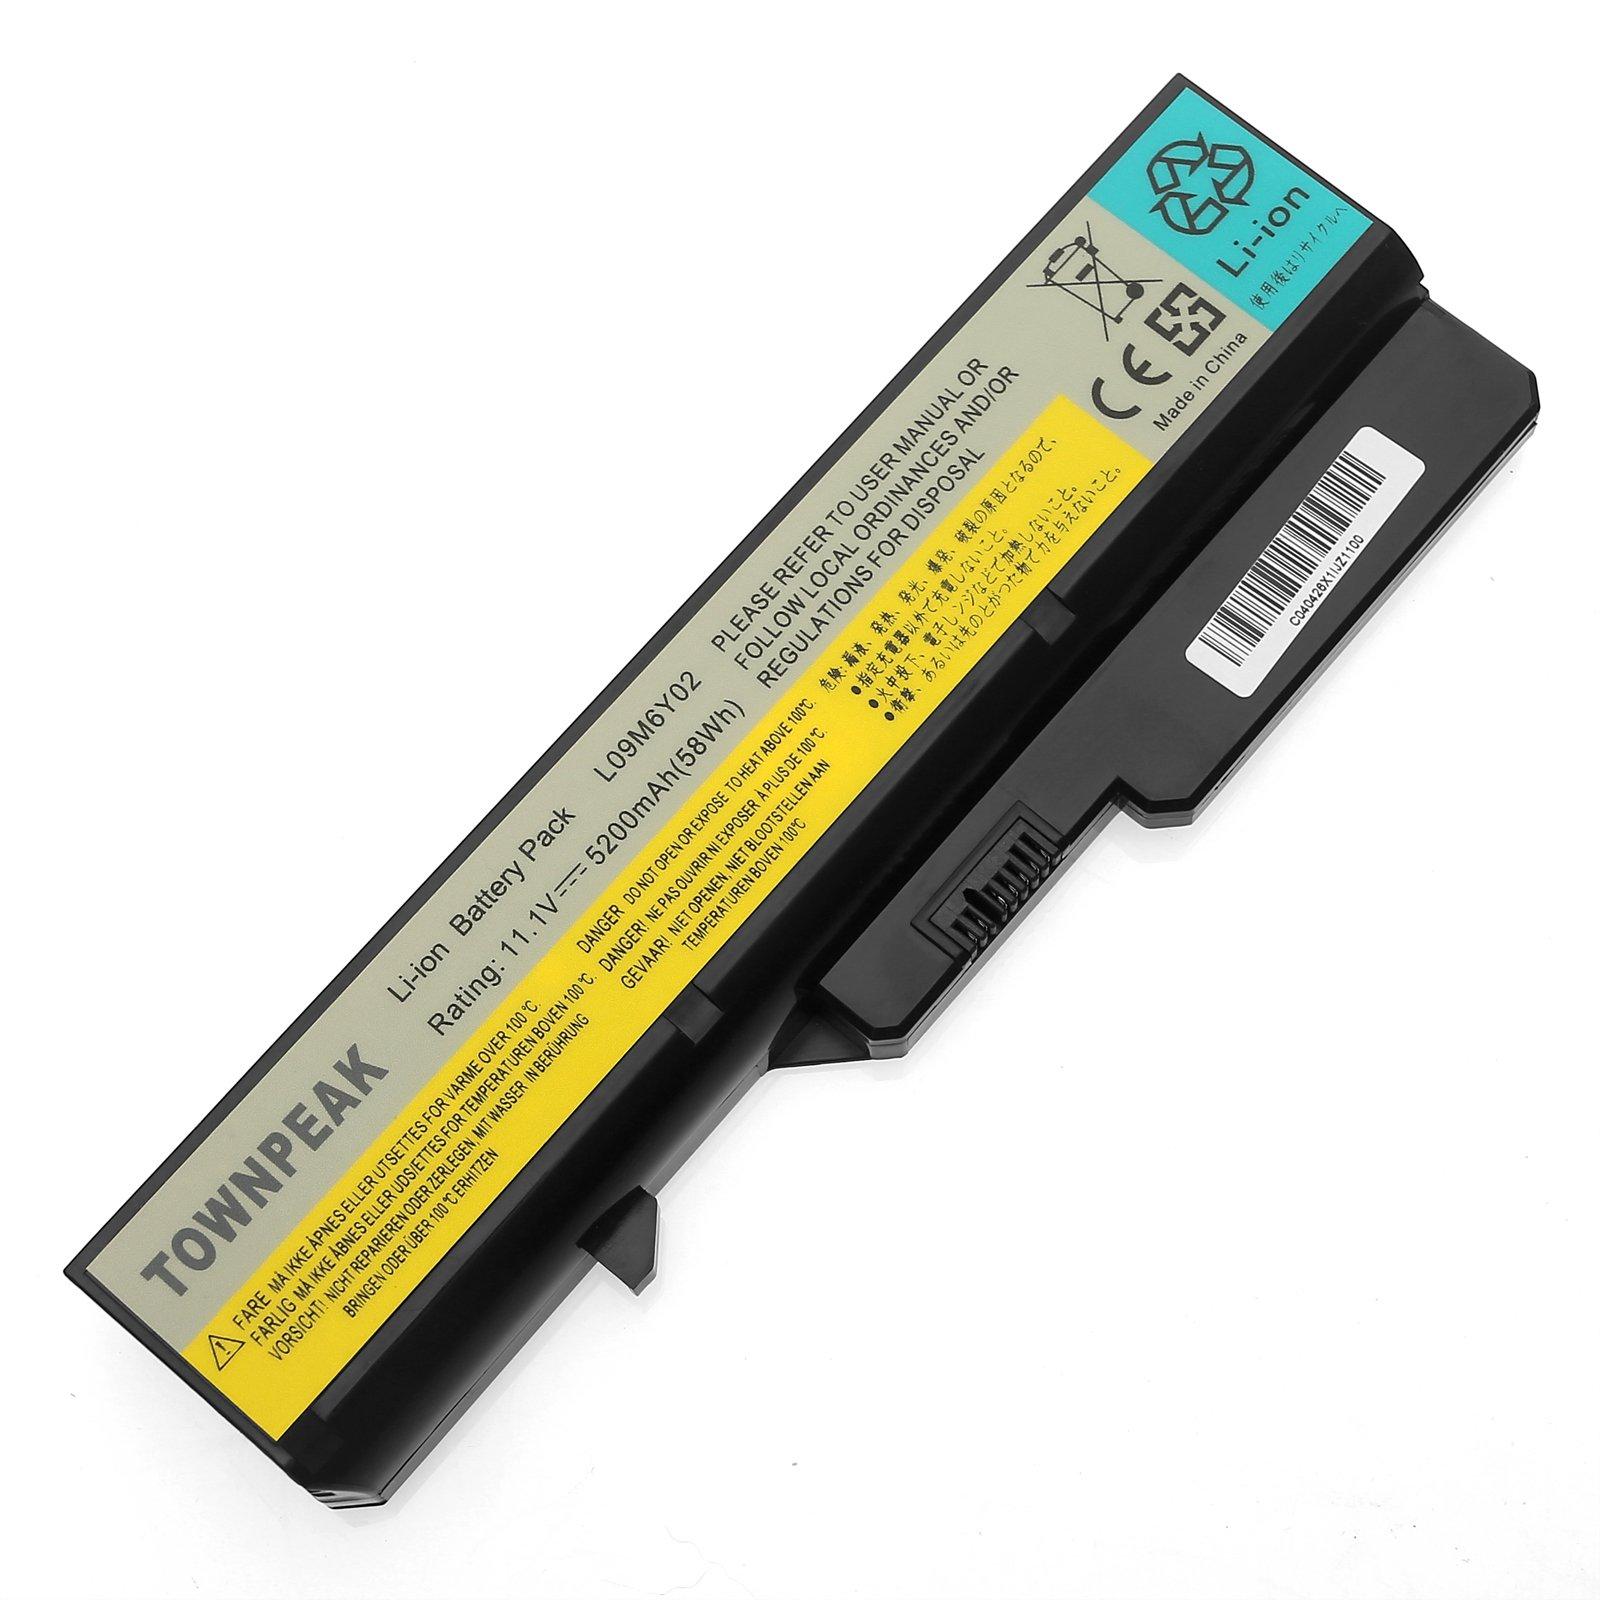 Townpeak Laptop Battery For Lenovo IdeaPad G460 G465 G470 G475 G560 G565 G570 L09M6Y02[Li-ion 6-cell 11.1V 5200mAh/58WH]12 Months Warranty